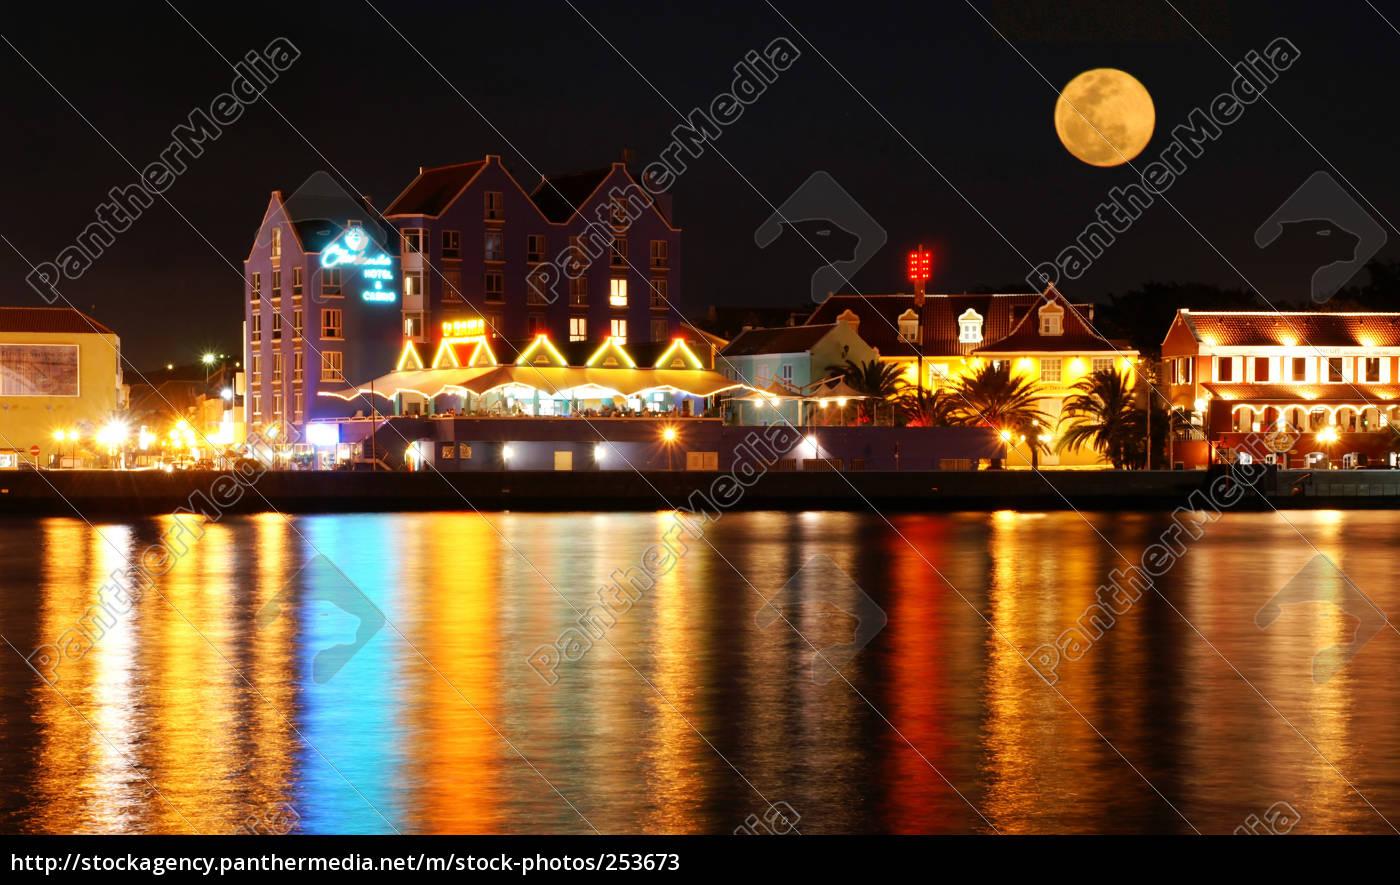 curaçao, night - 253673